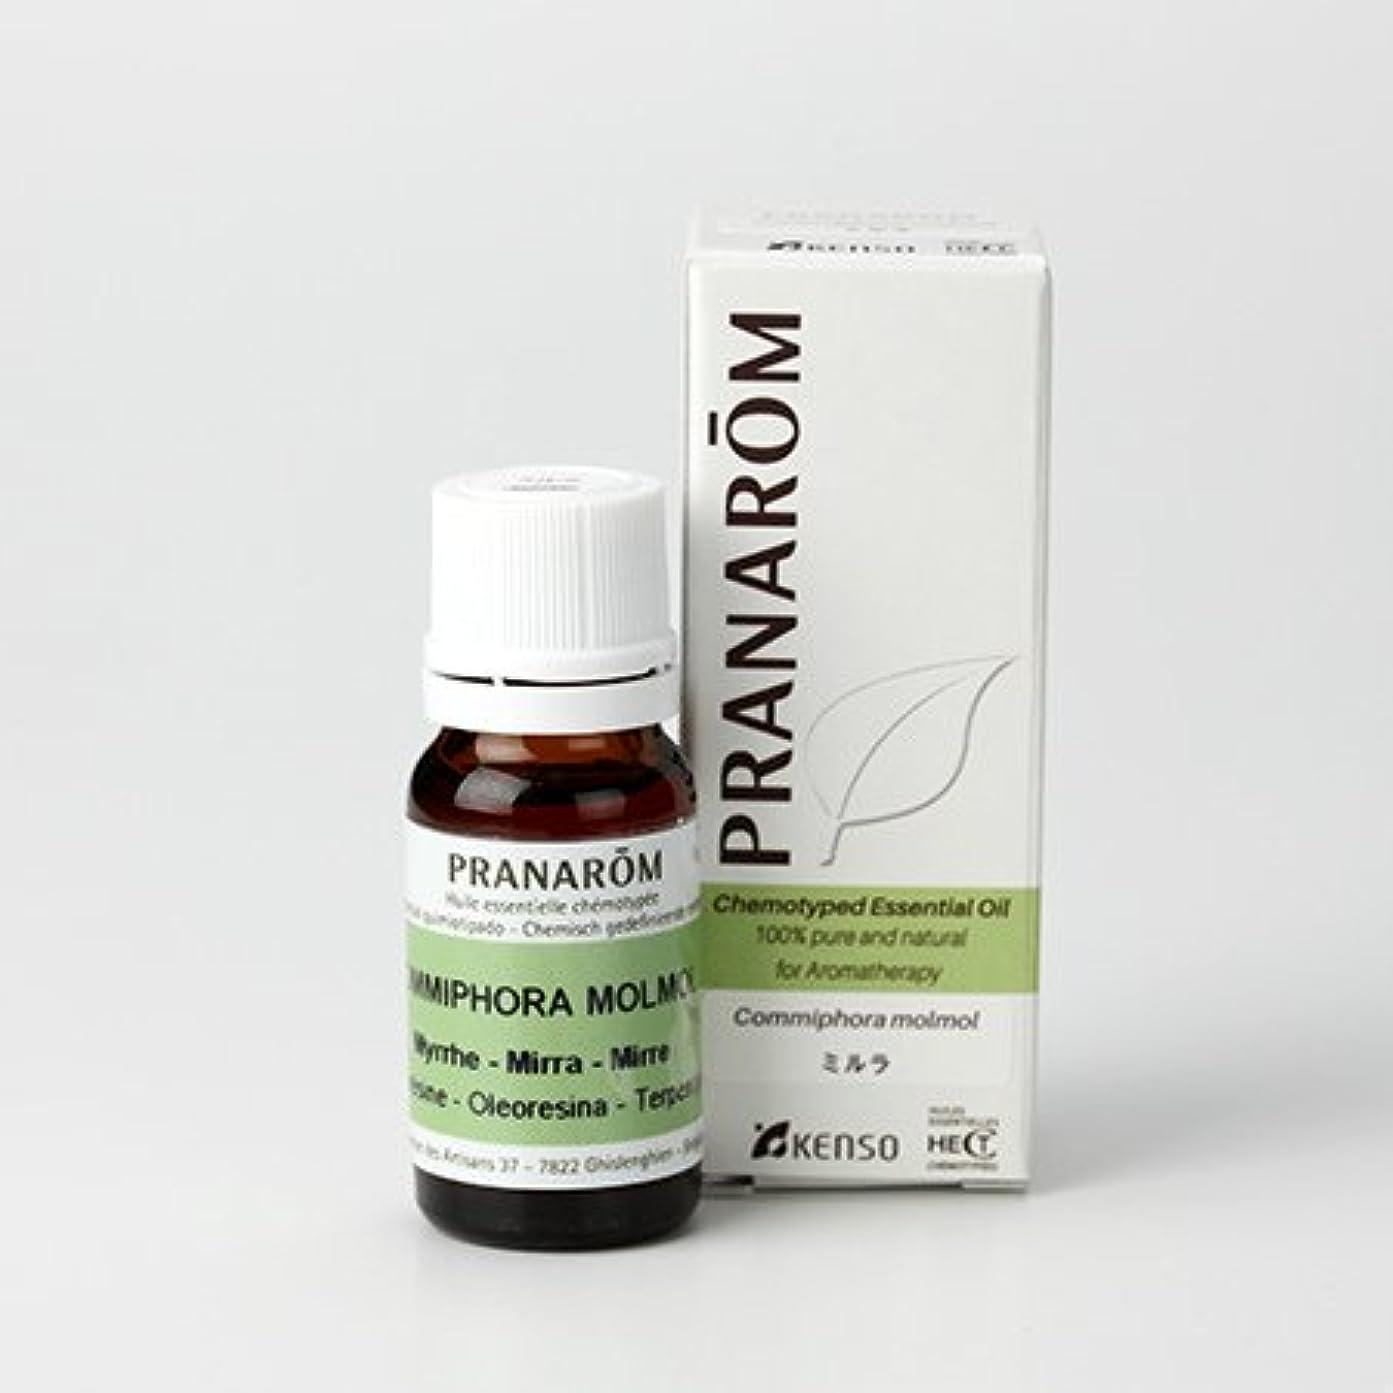 蓮攻撃的すばらしいですプラナロム ミルラ 10ml (PRANAROM ケモタイプ精油)